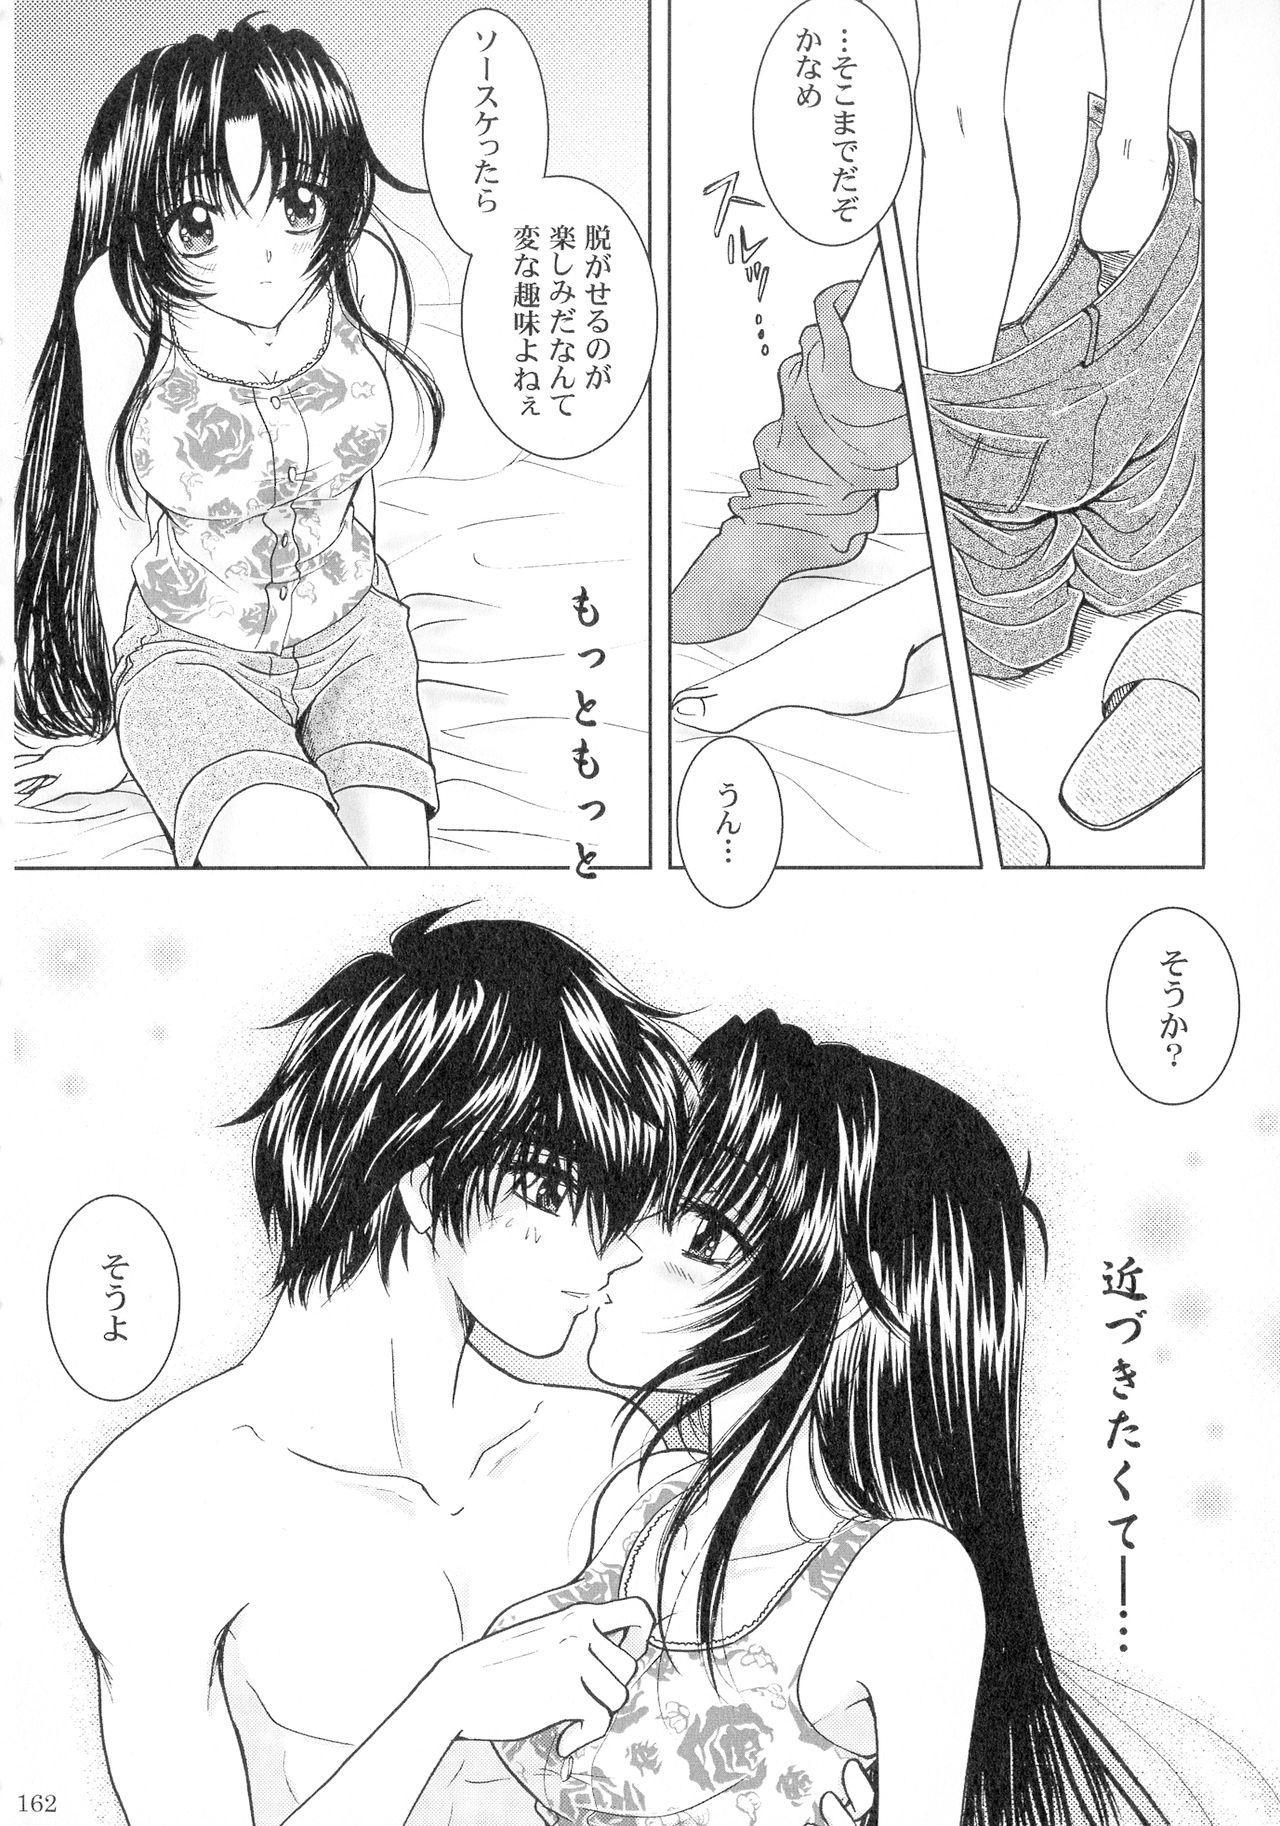 SEXY PANIC Sairoku-shuu VOL.3 160